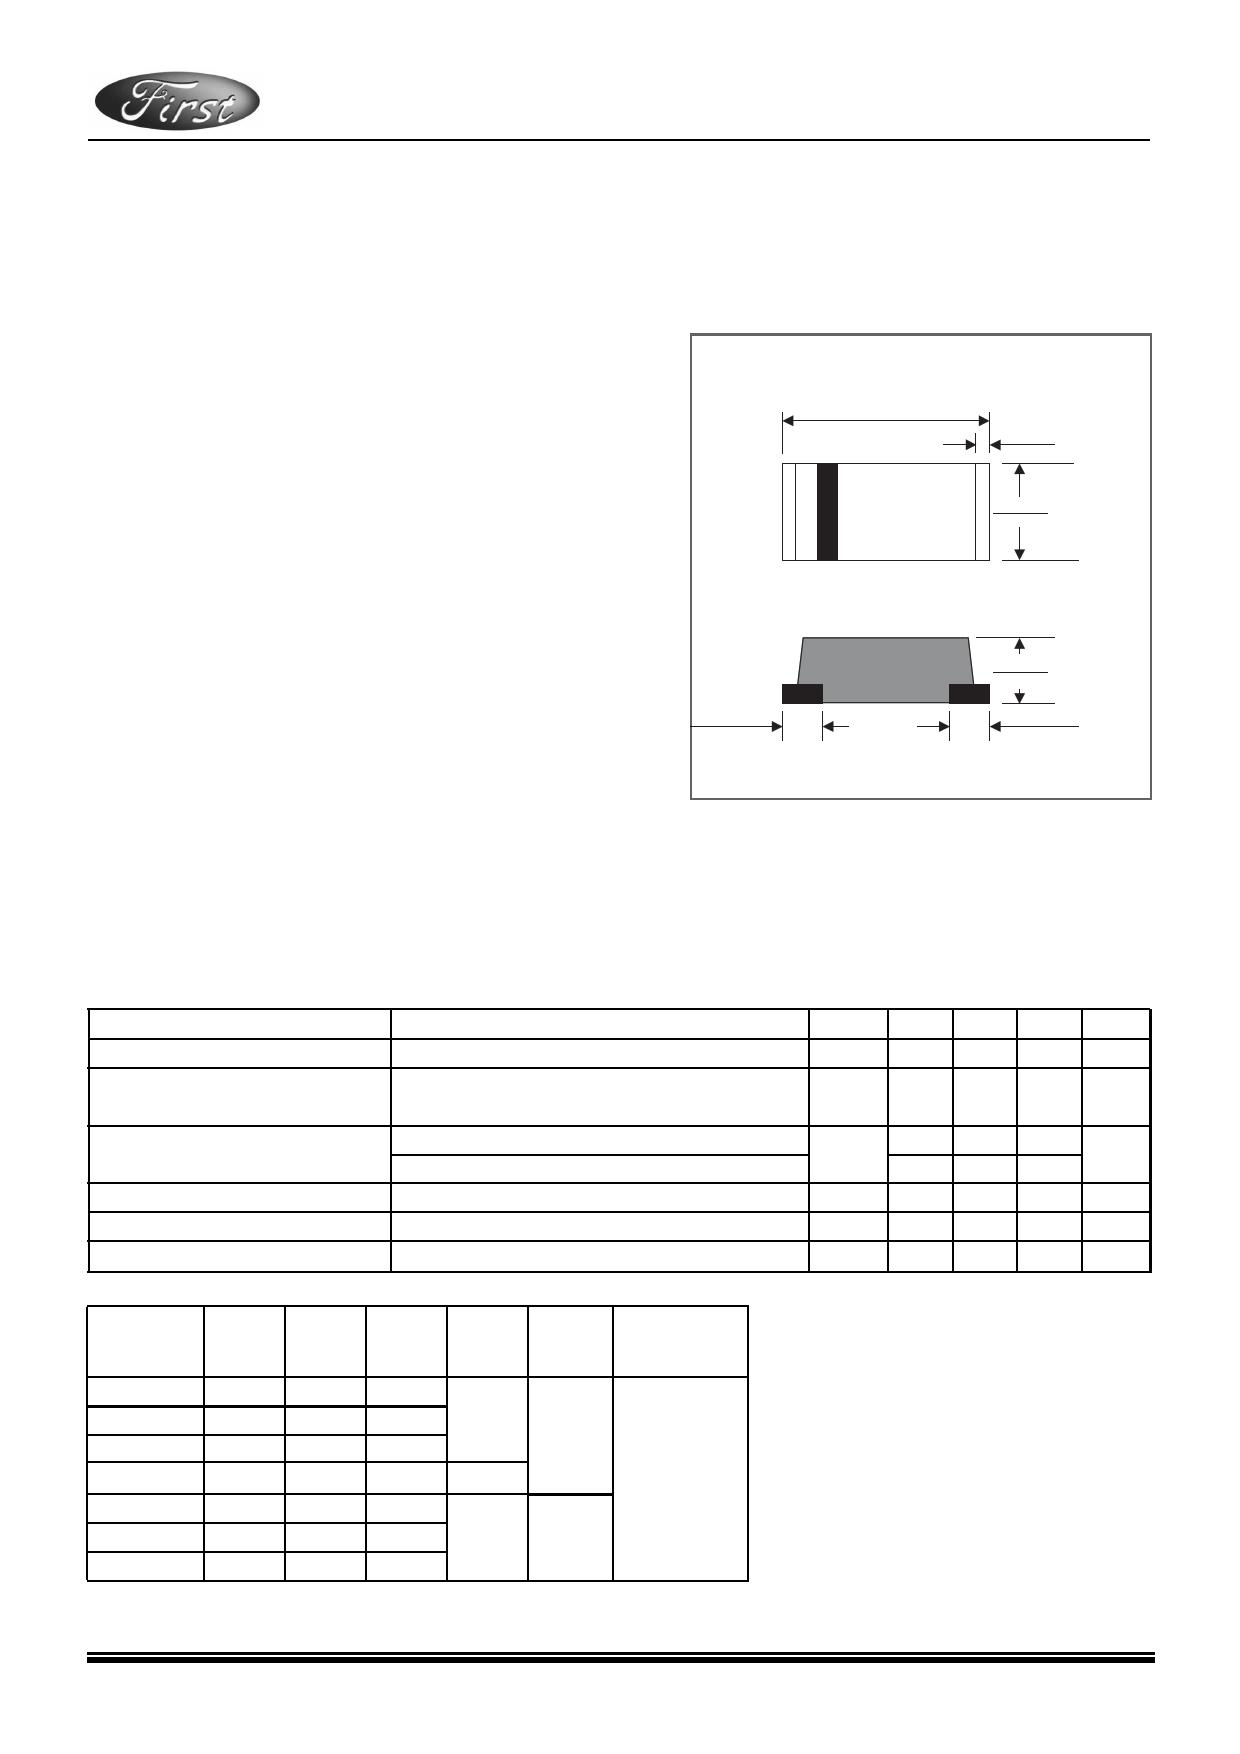 MURA360G Datasheet